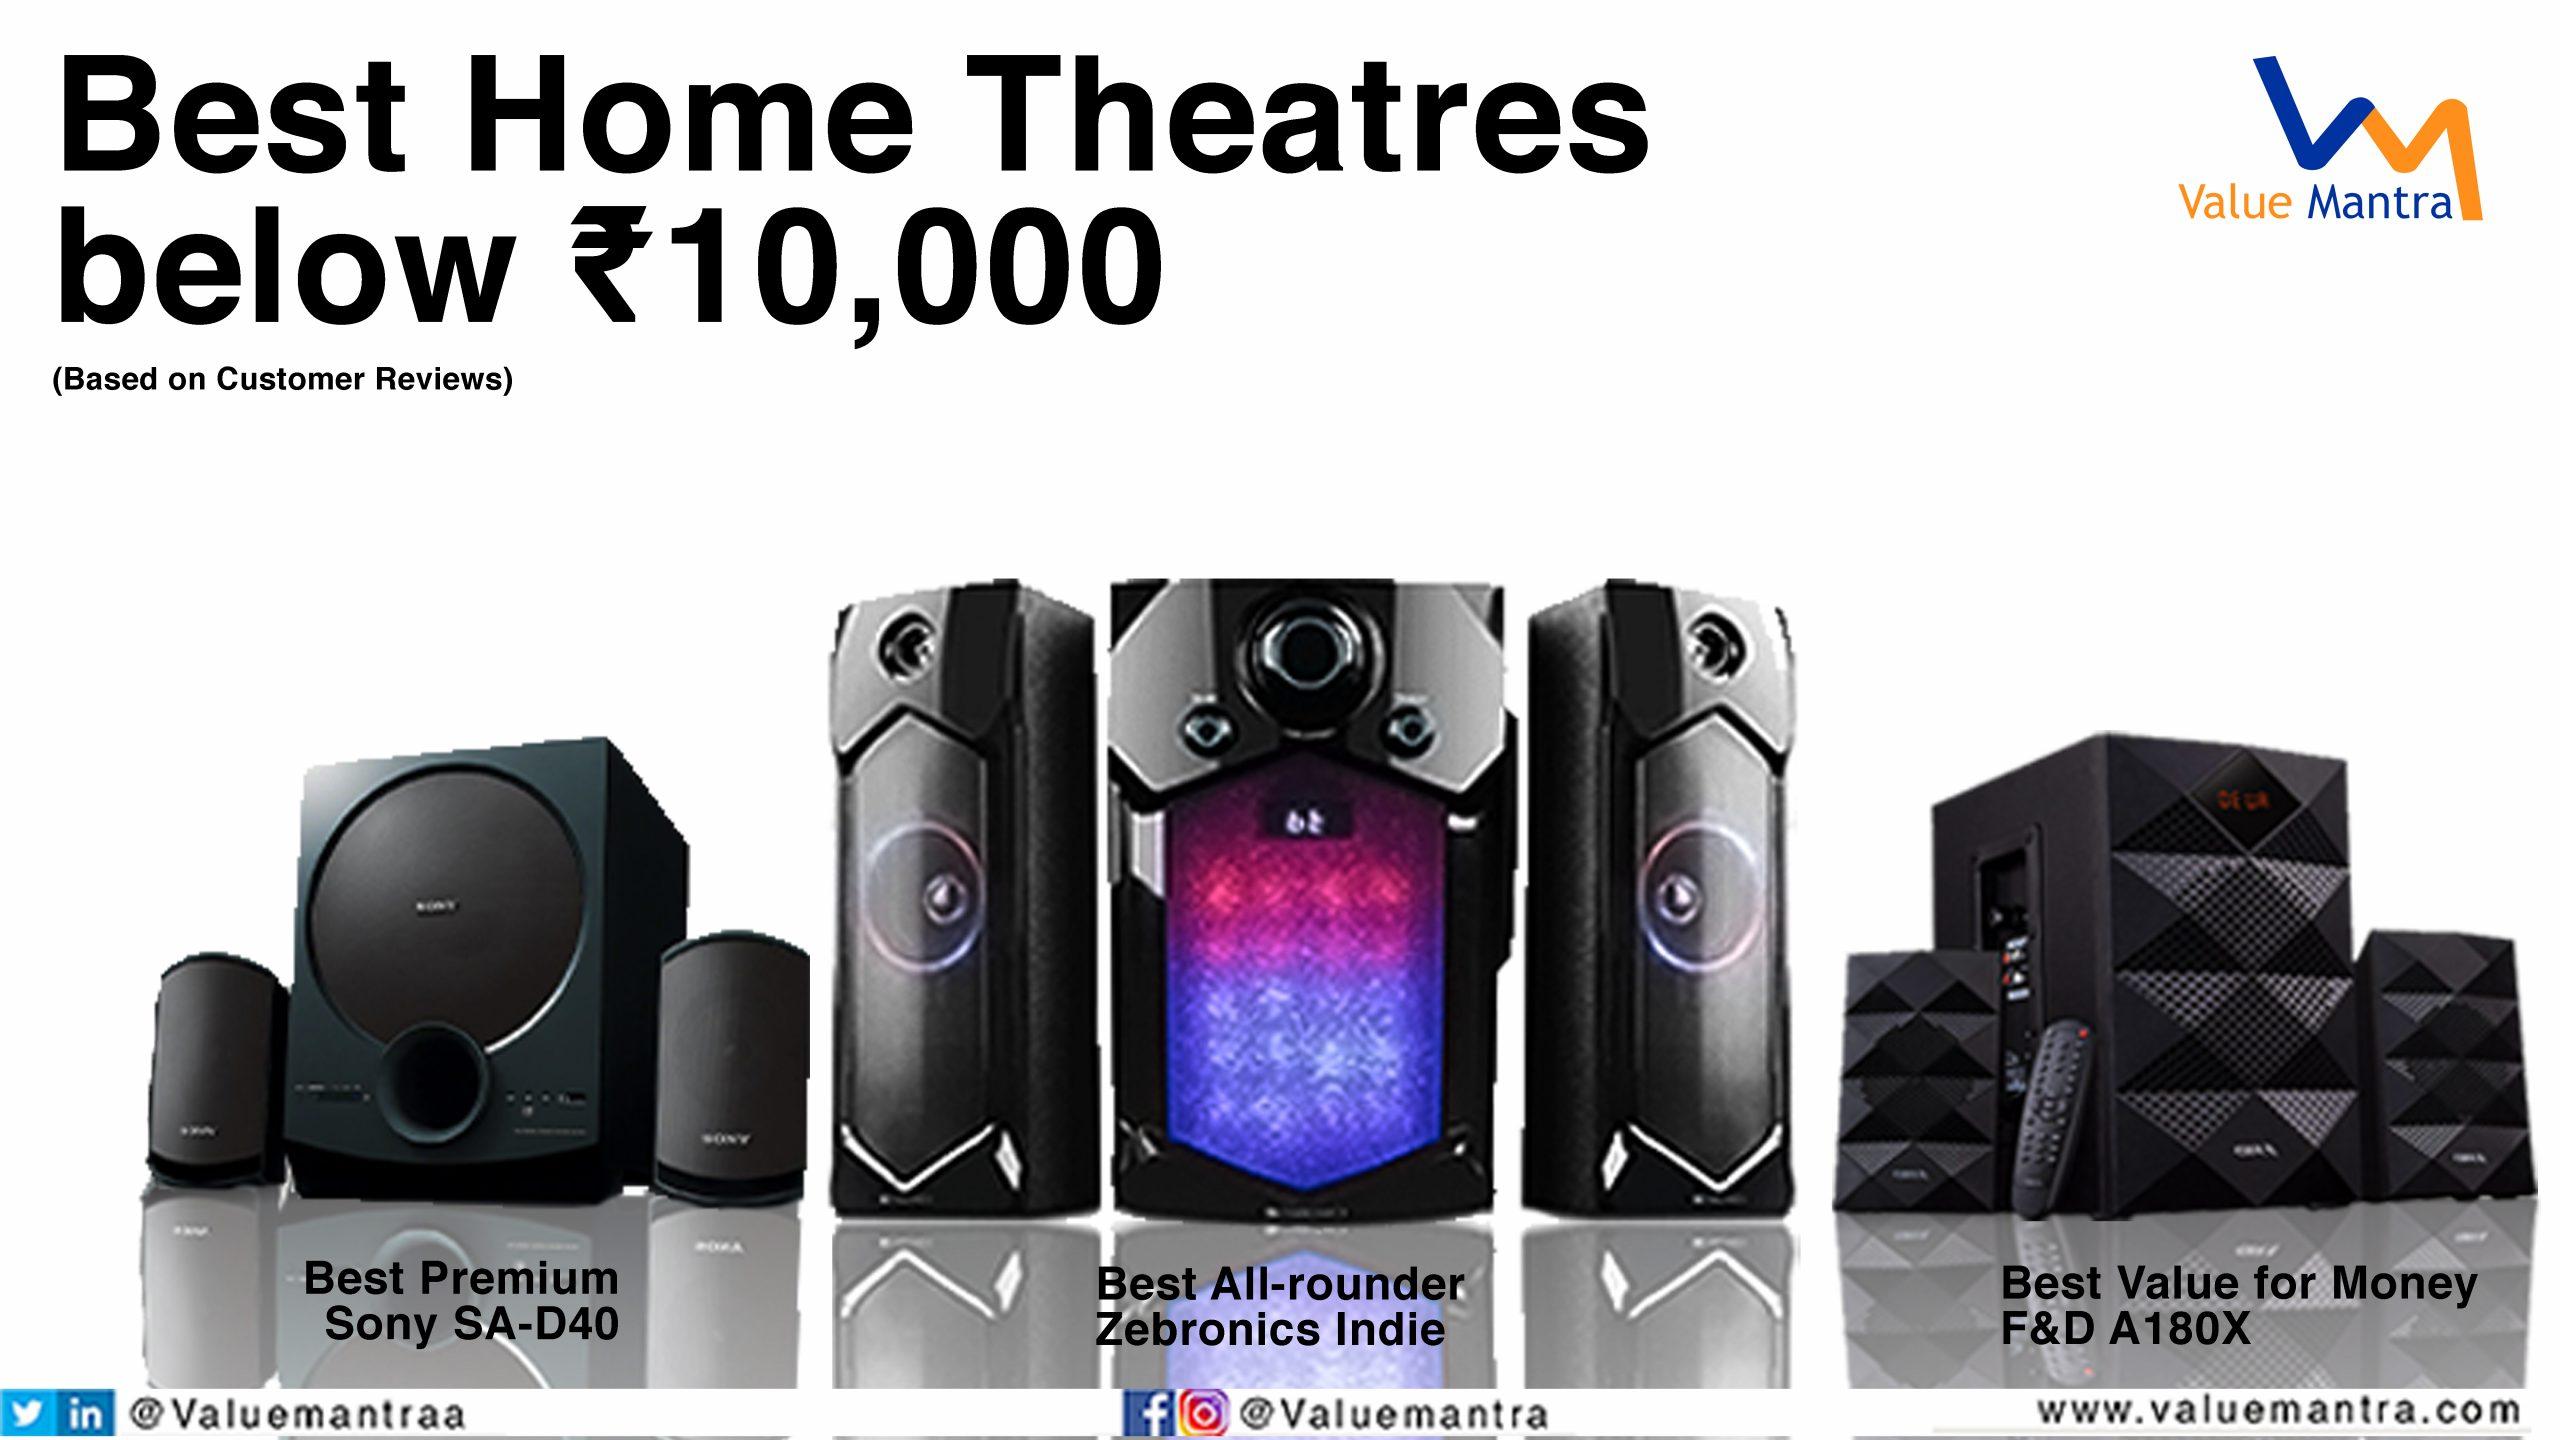 Best Home Theatre system under 10000